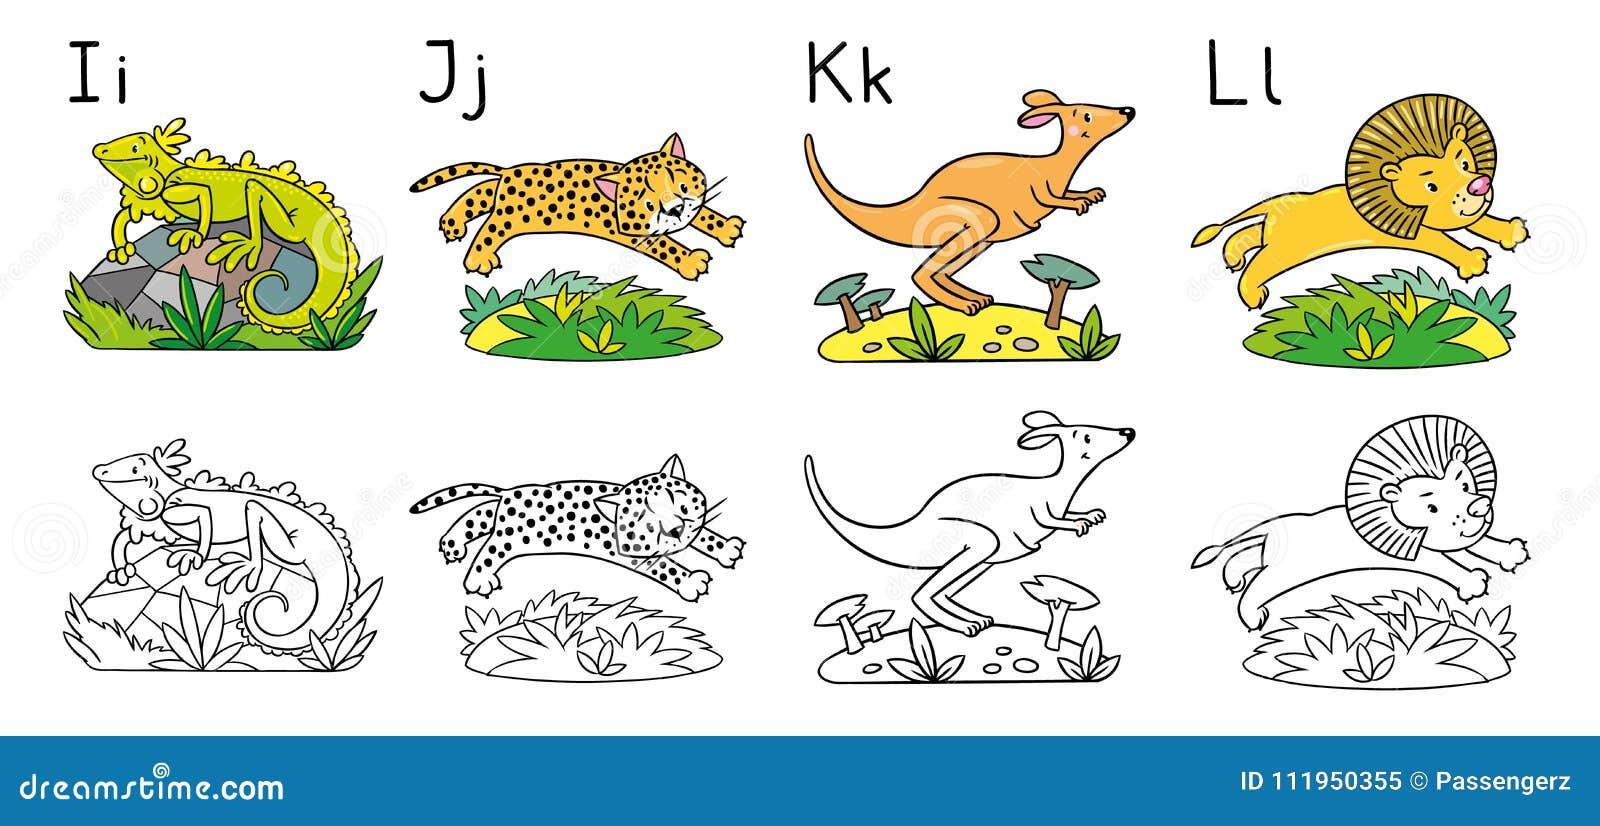 Lujoso Abc Animal Para Colorear Elaboración - Ideas Para Colorear ...